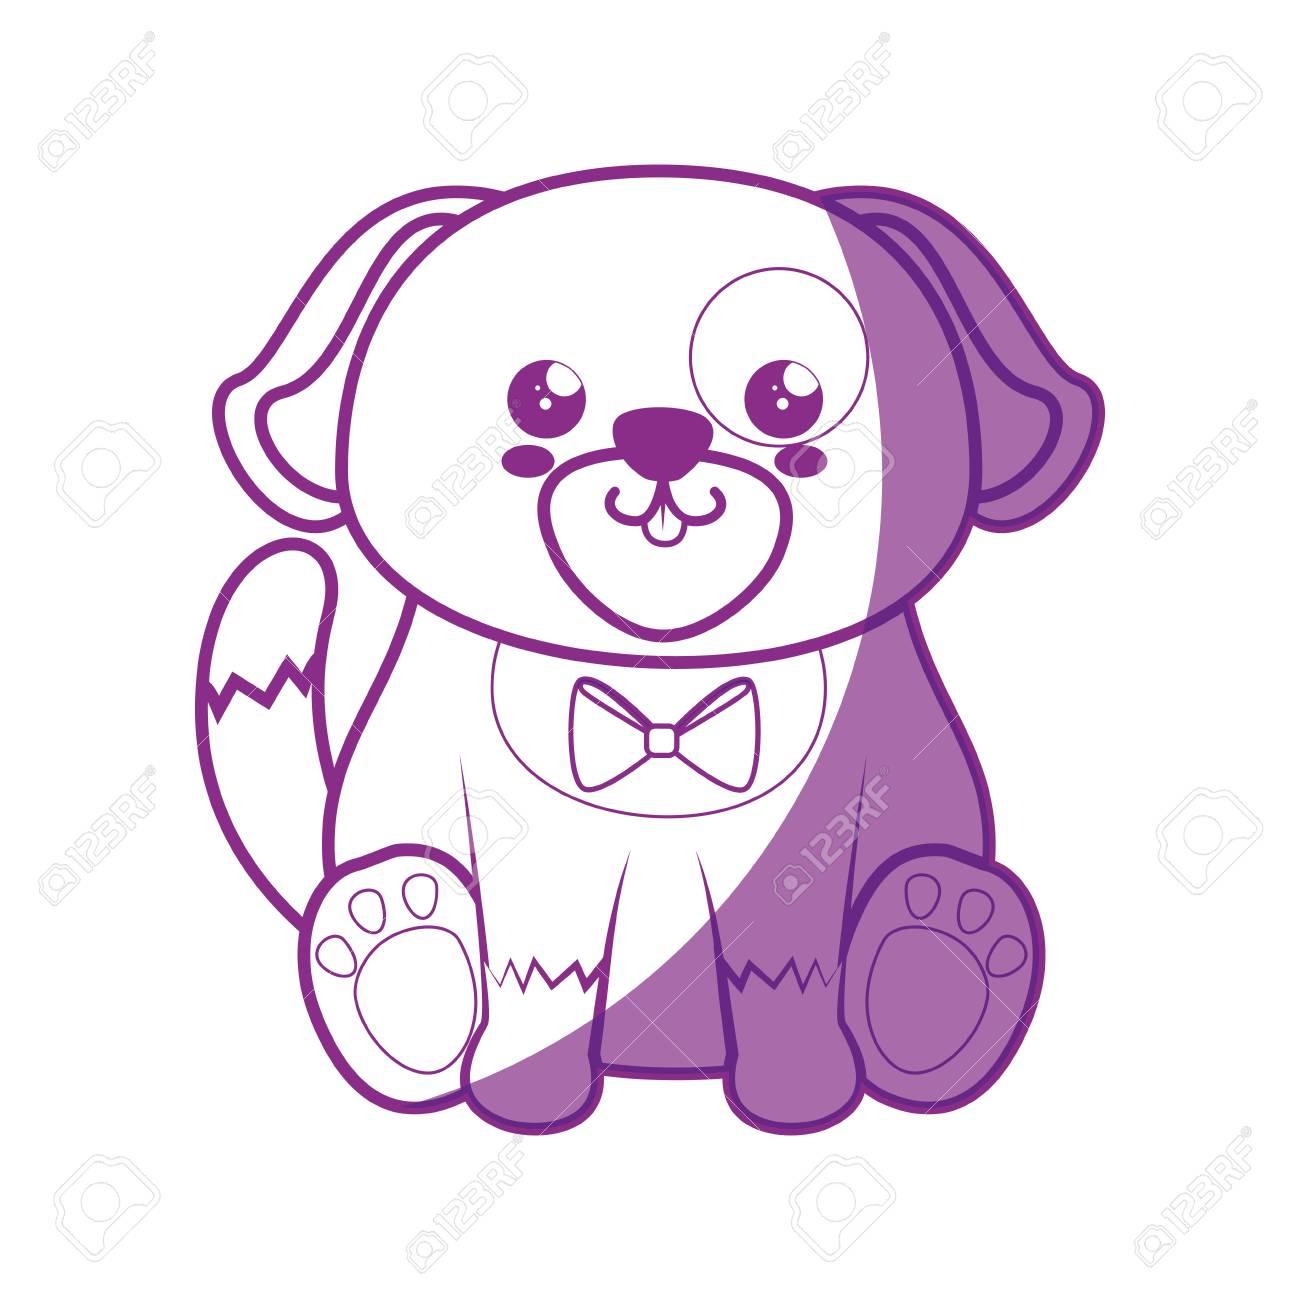 Perro Kawaii Icono De Dibujos Animados Ilustración Vectorial Diseño